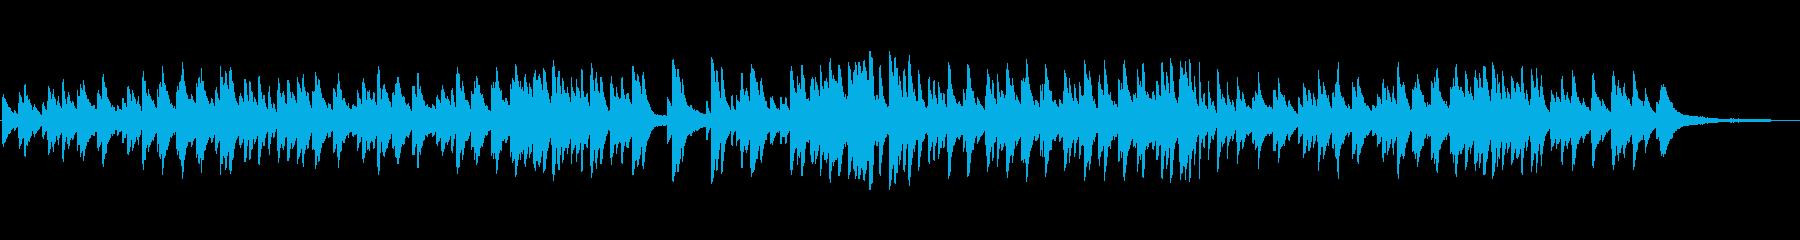 ピアノソロでアラフォー応援ソングの再生済みの波形